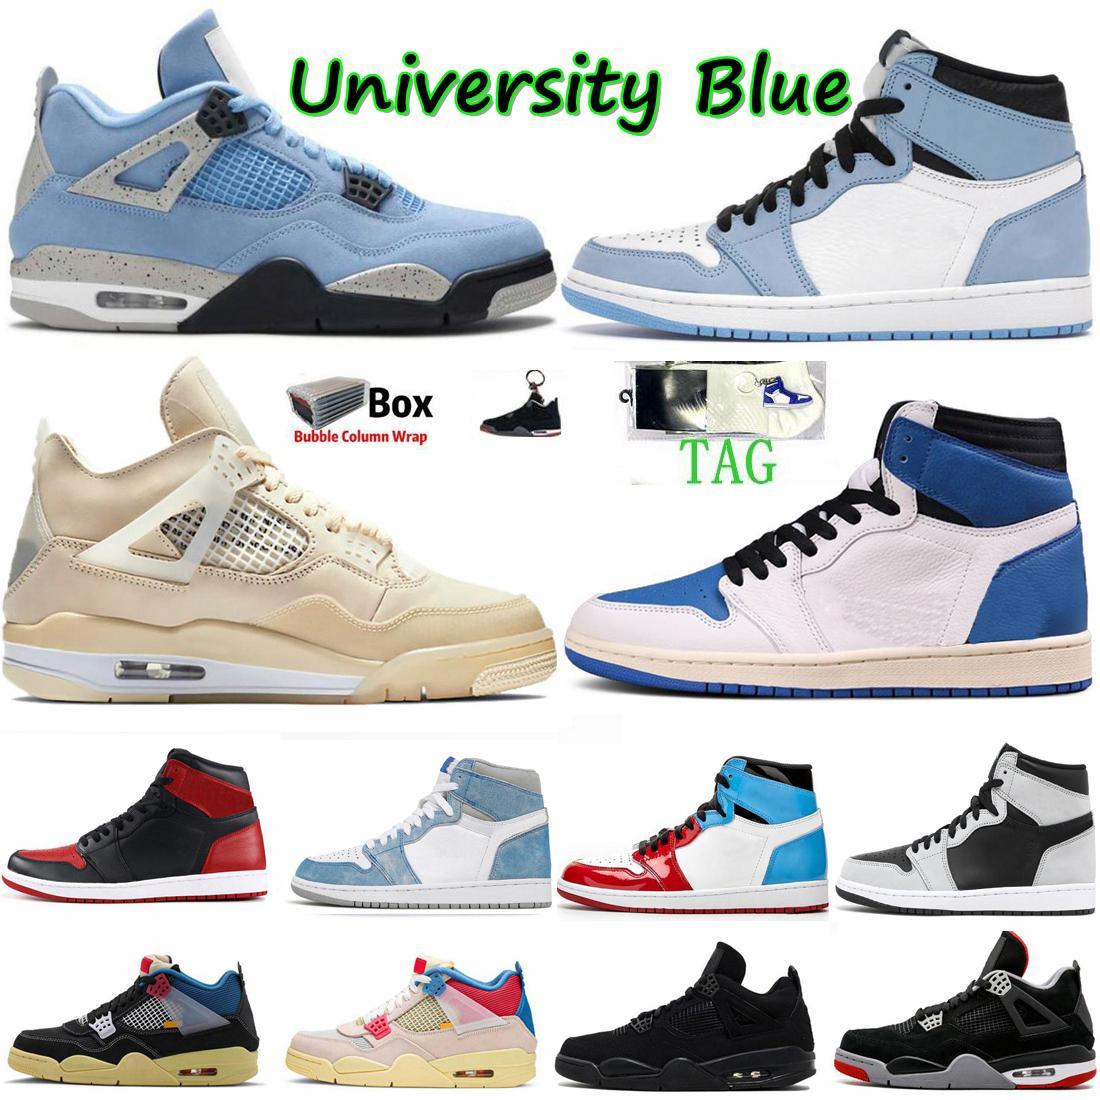 1 1s جامعة الأحذية الزرقاء عشبي الفضة تو أسود القط 4 ثانية أبيض الشراع الرجال كرة السلة الأحذية hyper الملكي bred النساء حذاء رياضة المدرب